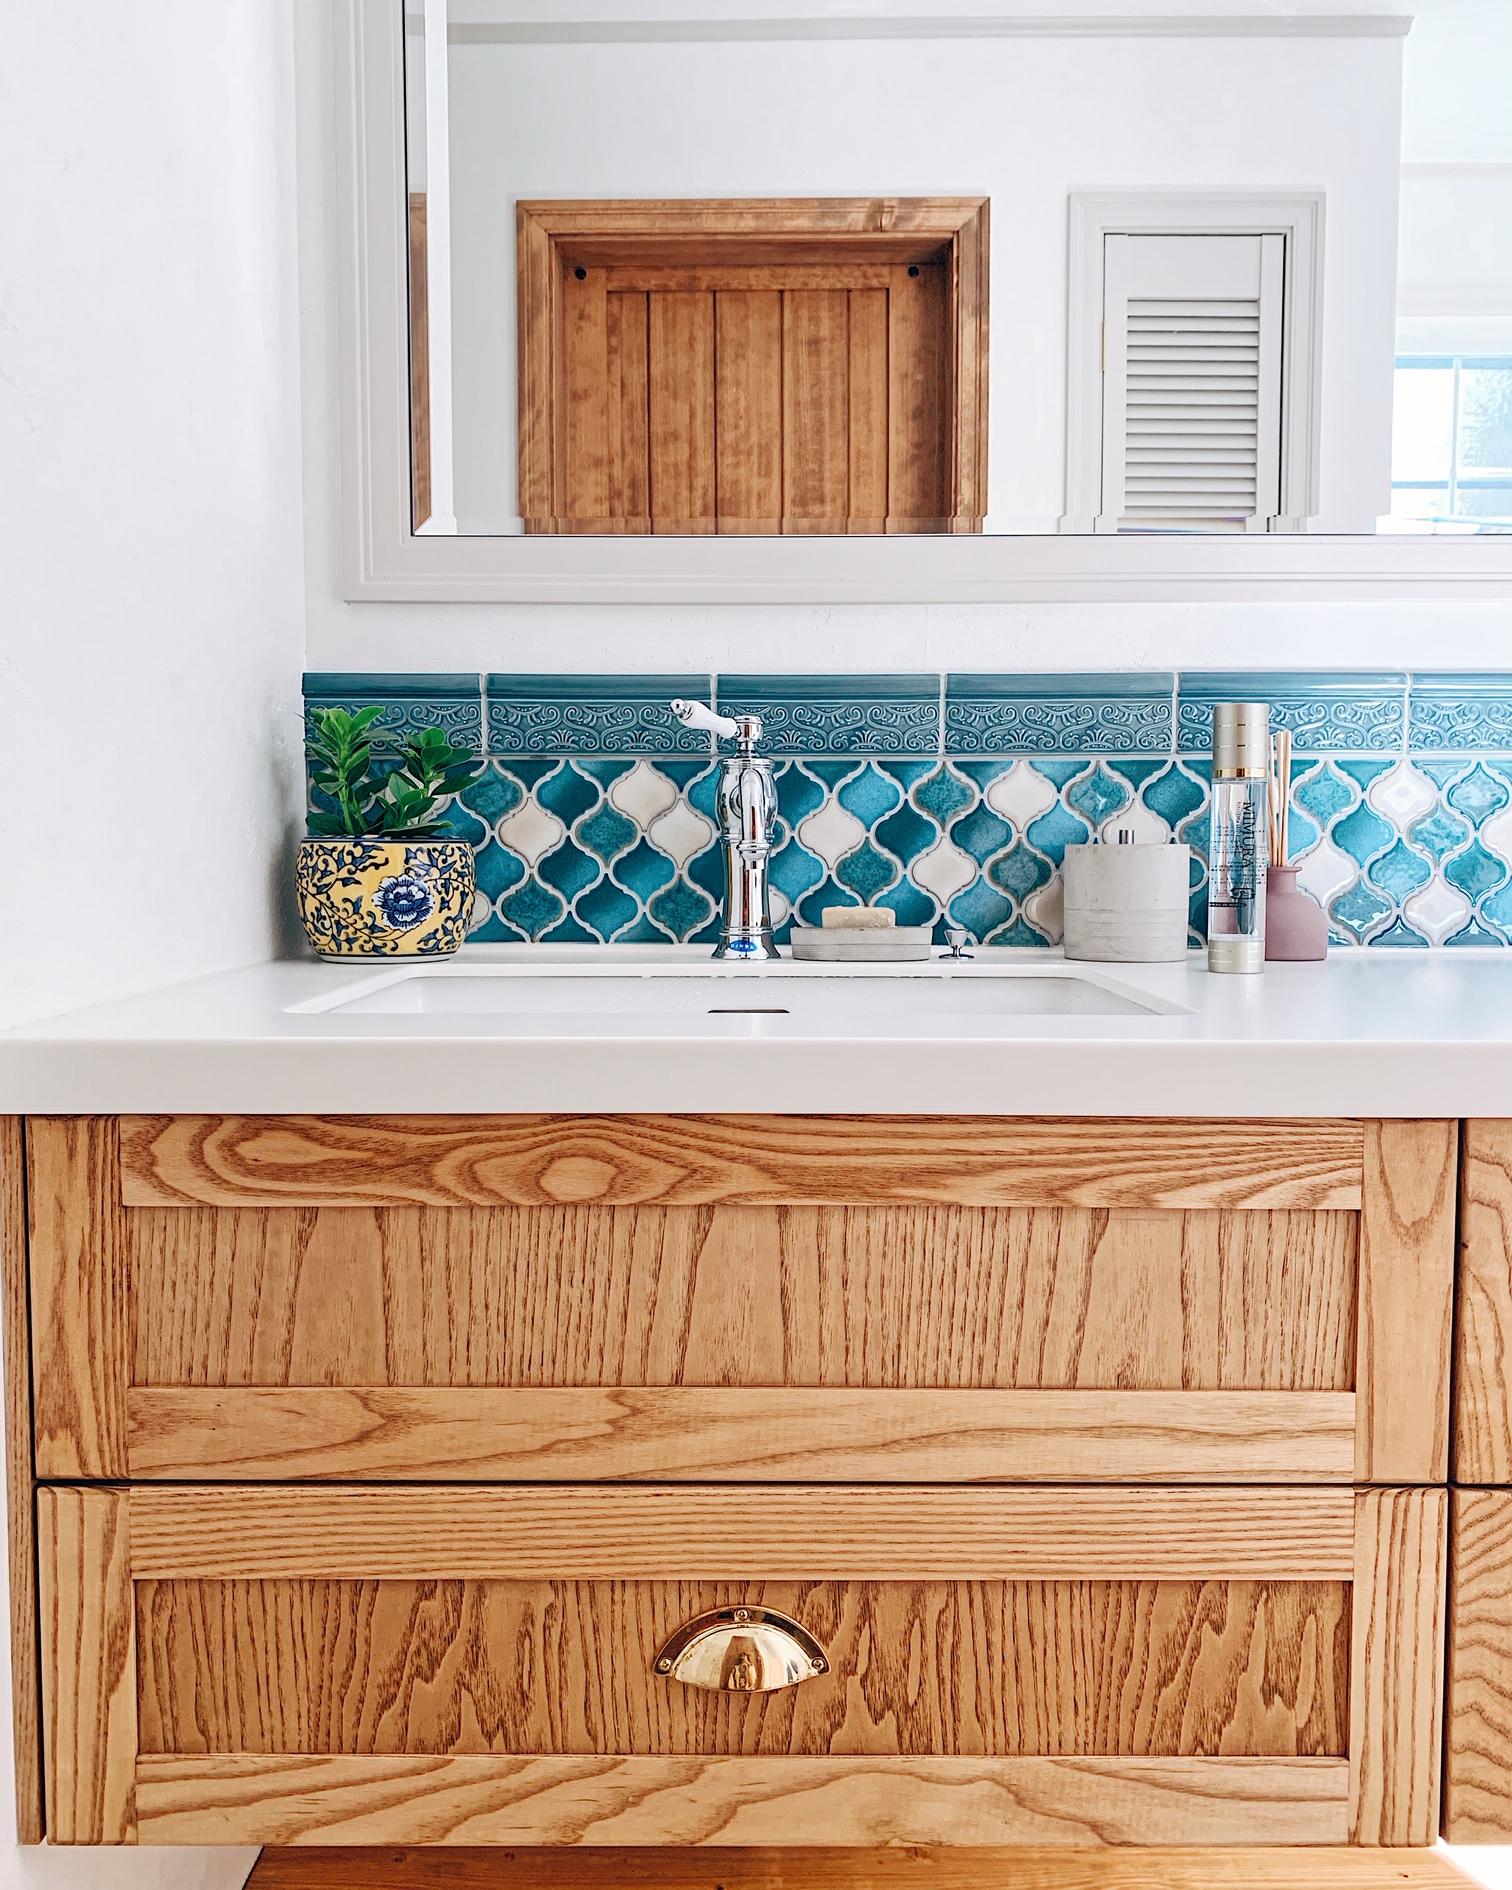 カスタムオーダーの洗面所には、コラベルタイルを貼ってレトロ感をプラス。